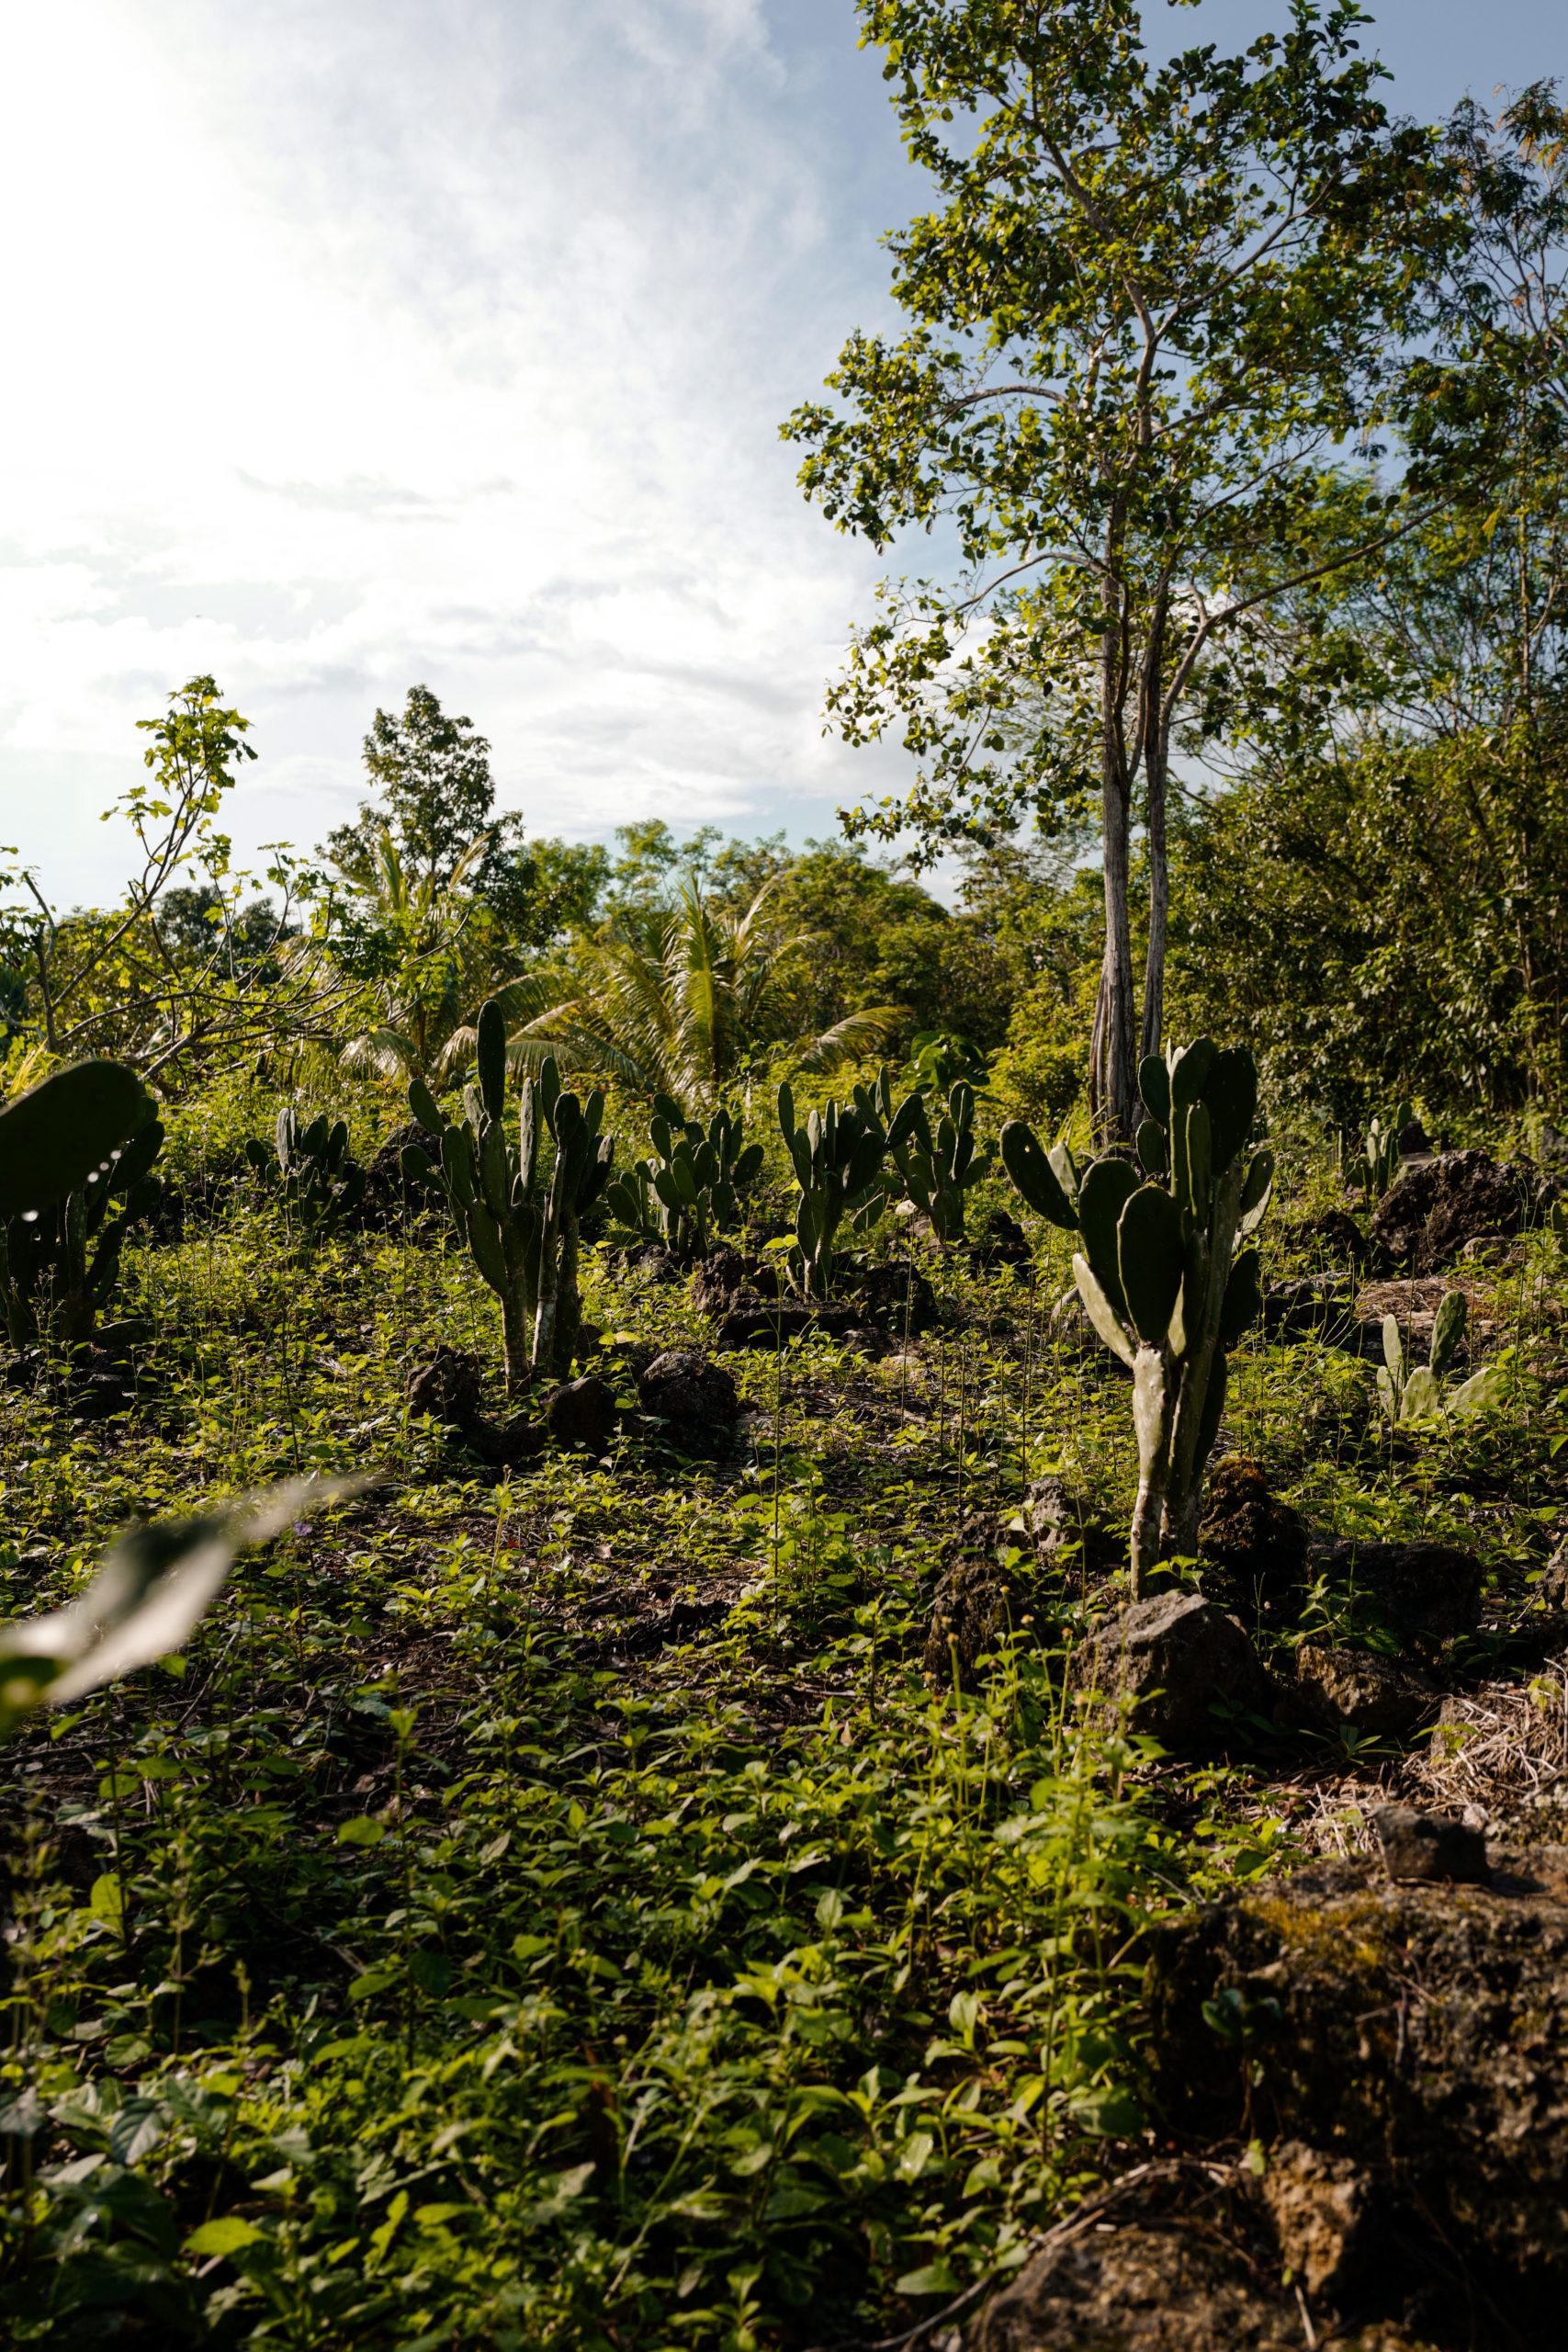 cactus-mexique